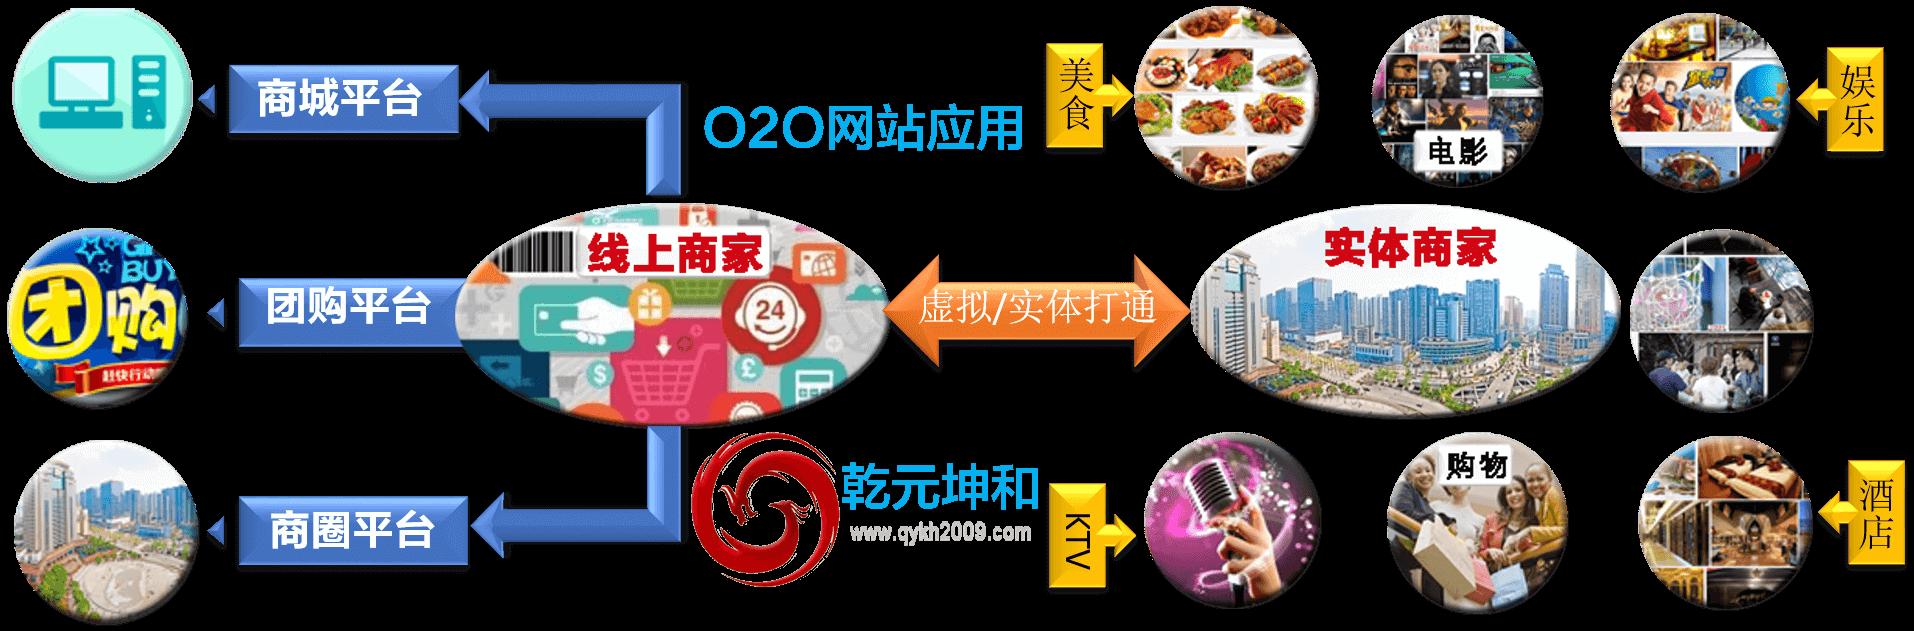 O2O模式网站建设解决方案